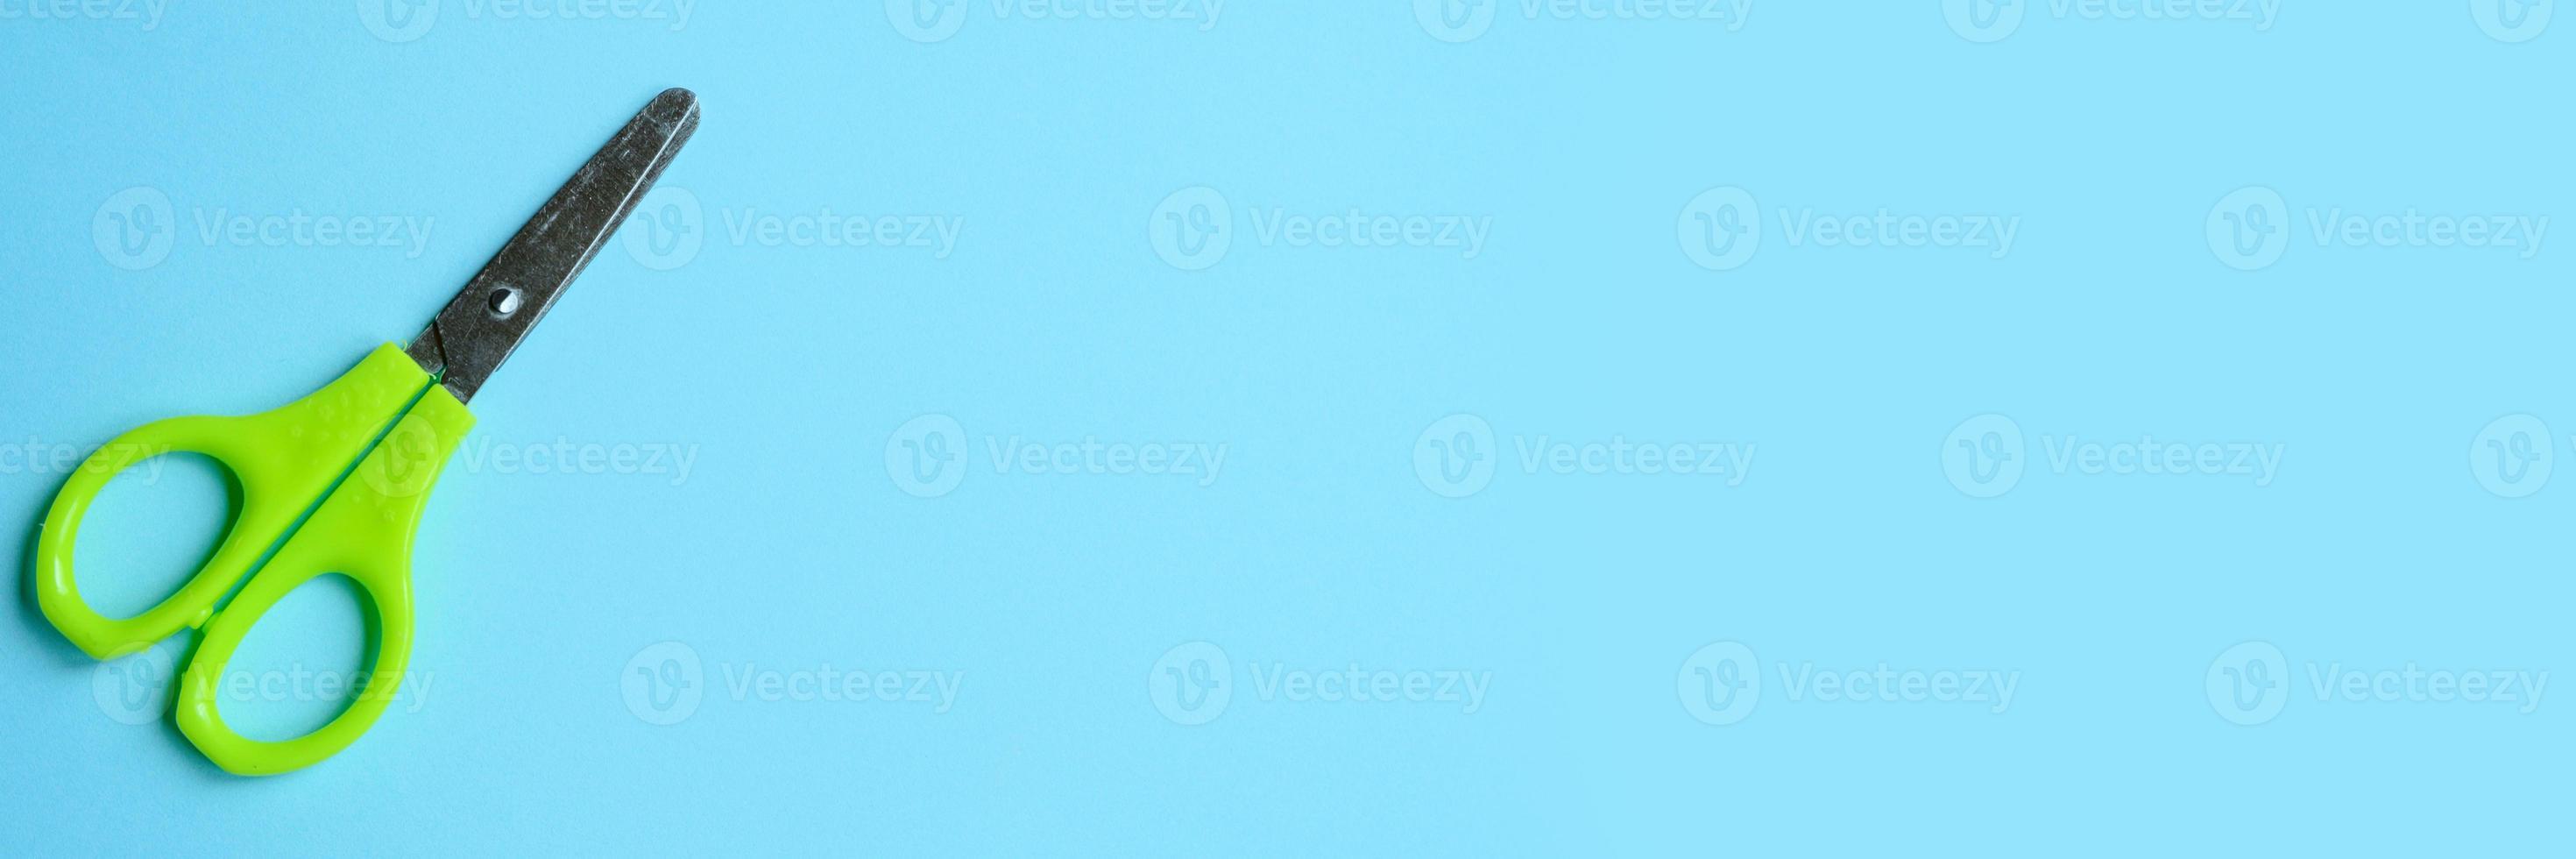 Tijeras de oficina pequeña sobre fondo azul. foto